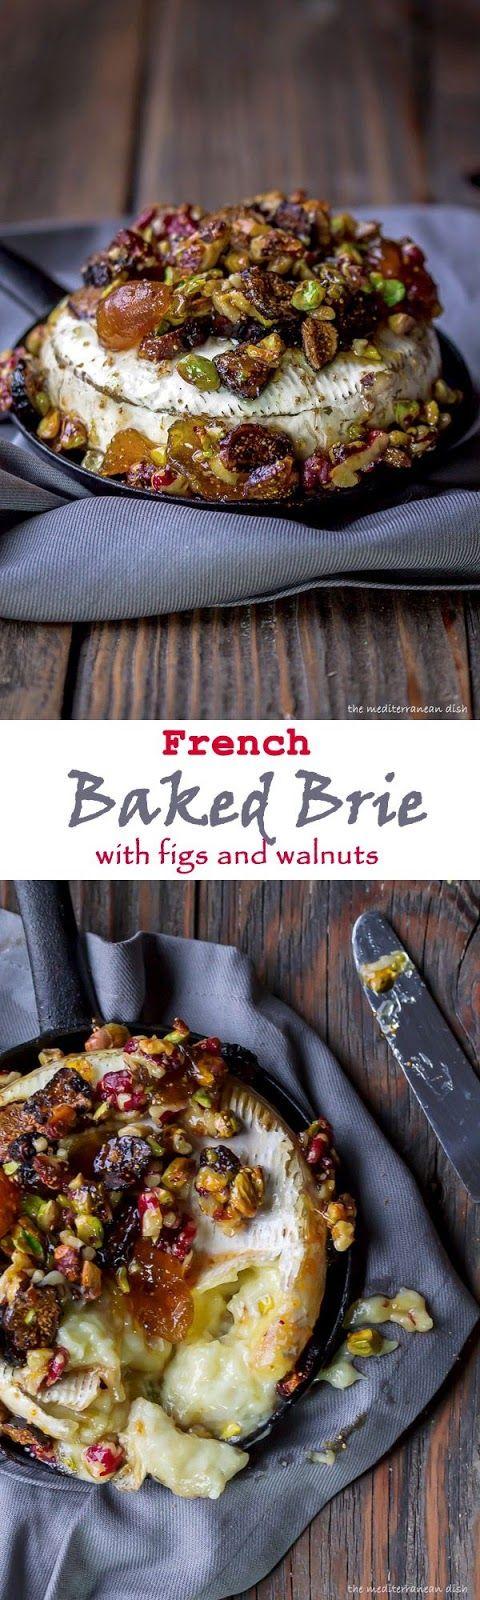 Ricette originali in una foto: camembert al forno con frutta secca